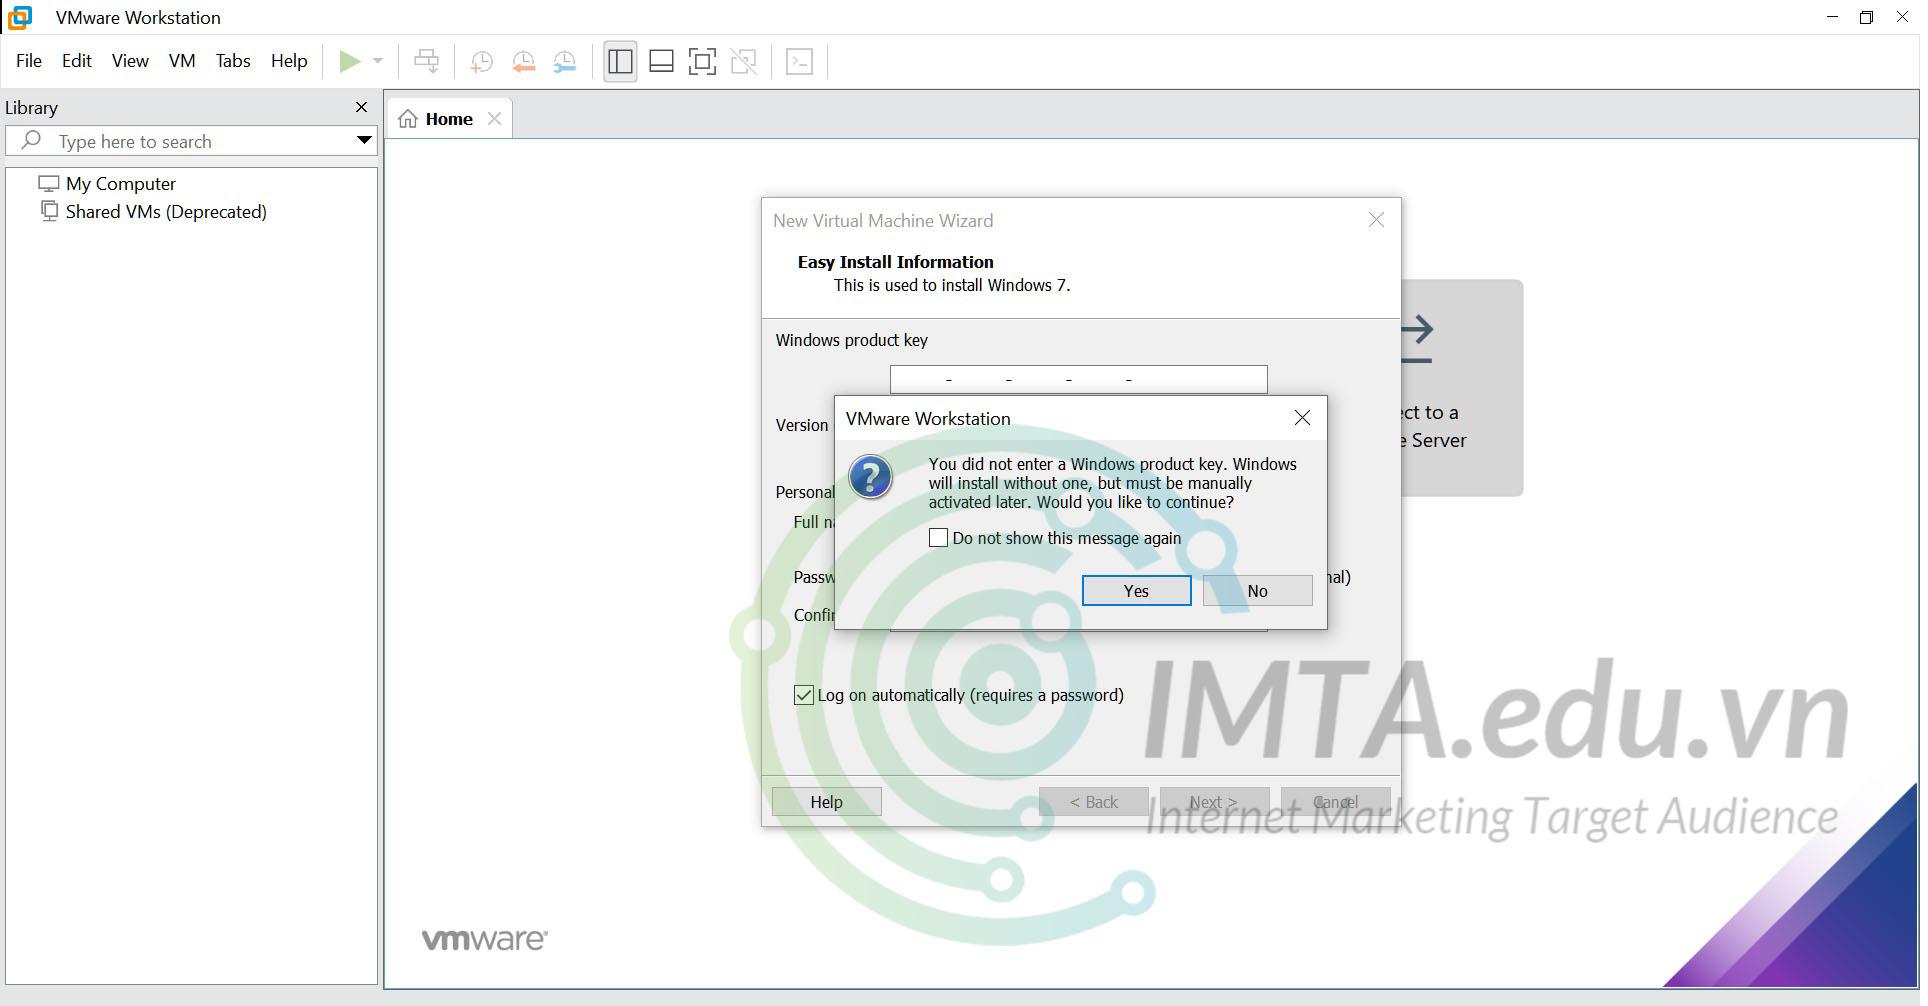 Thông báo về việc kích hoạt bản quyền Windows